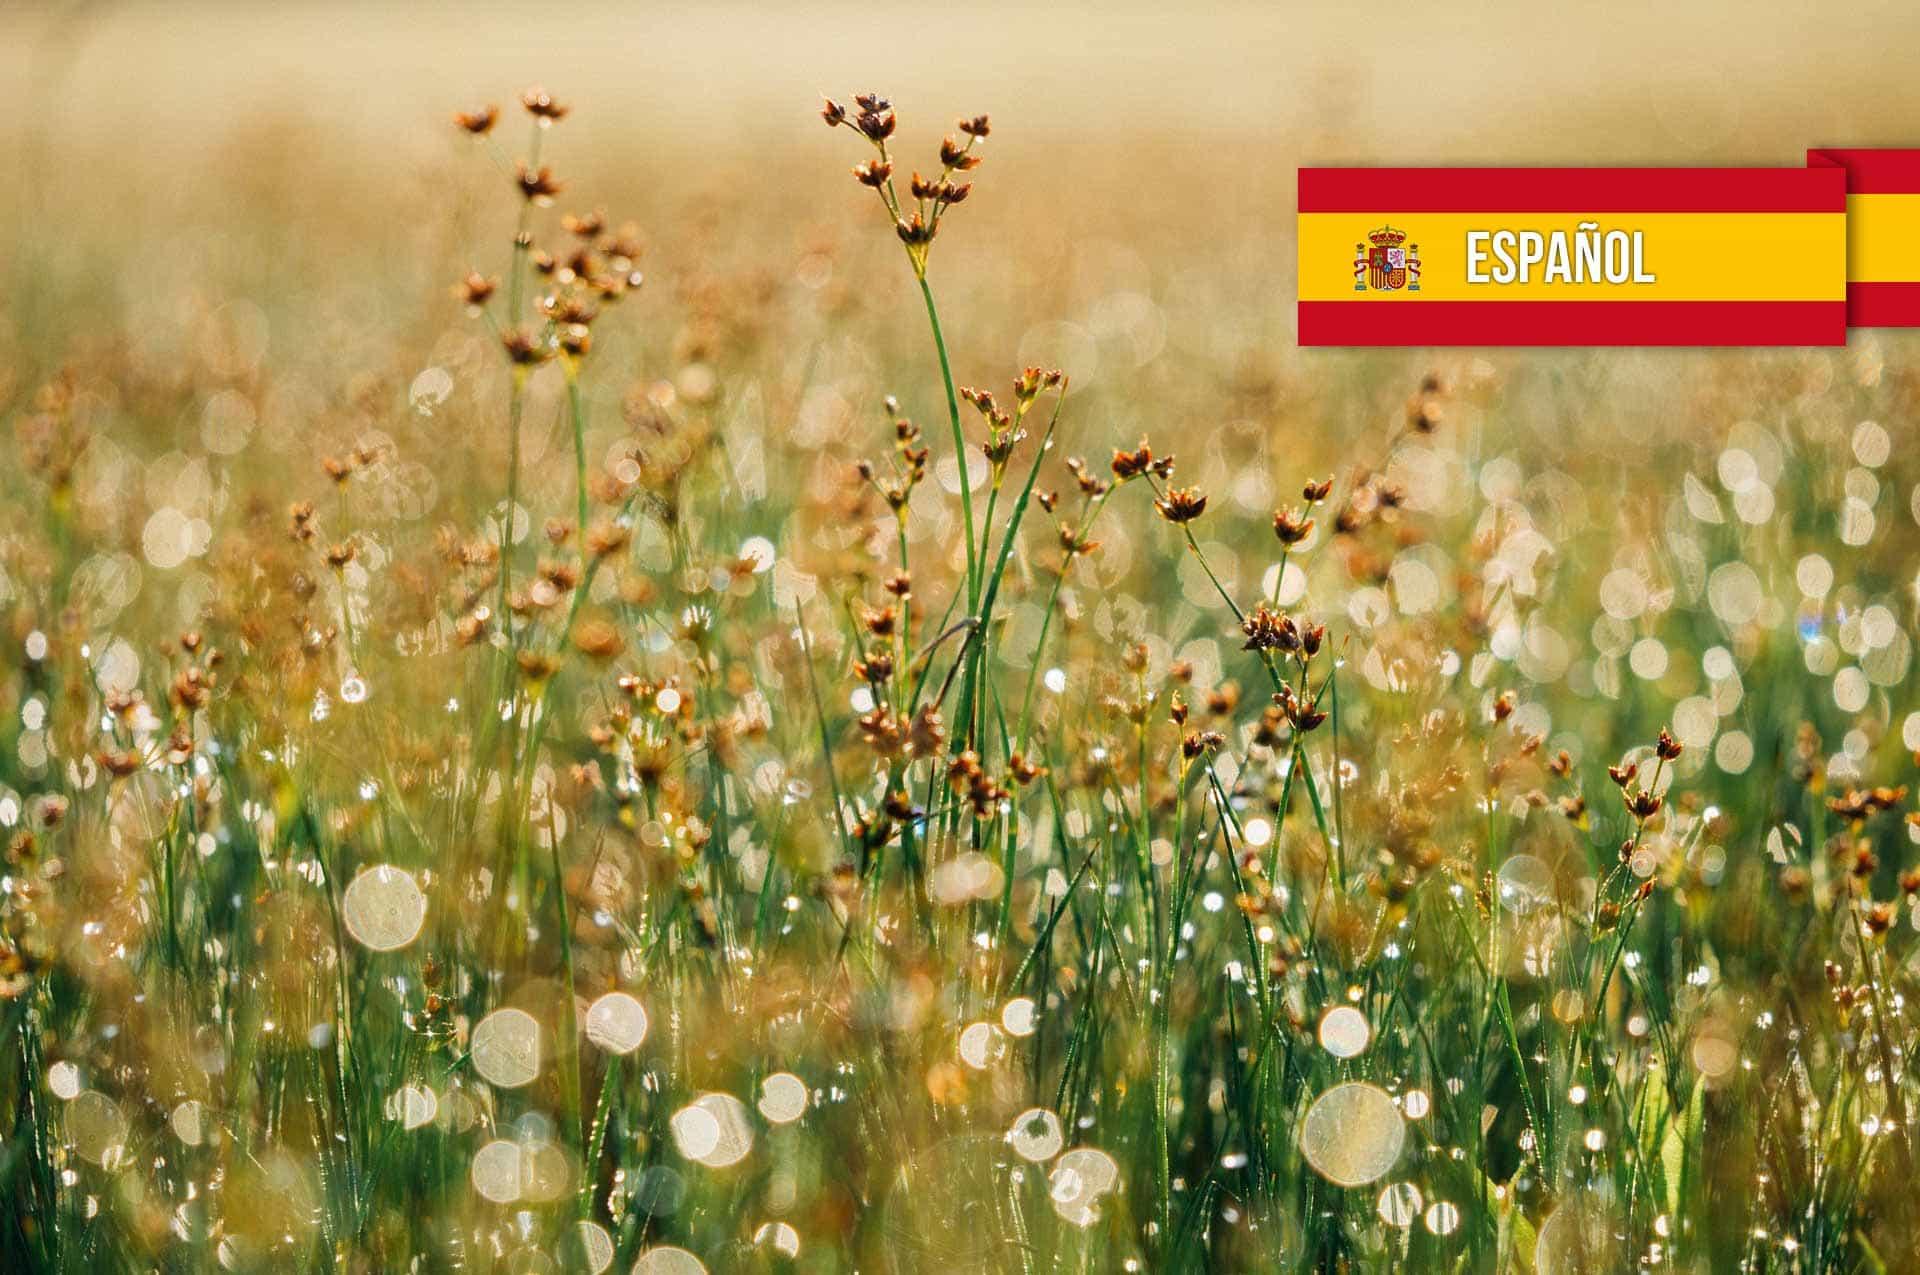 La luz del evangelio es la Gloria de Dios – Spanish translation